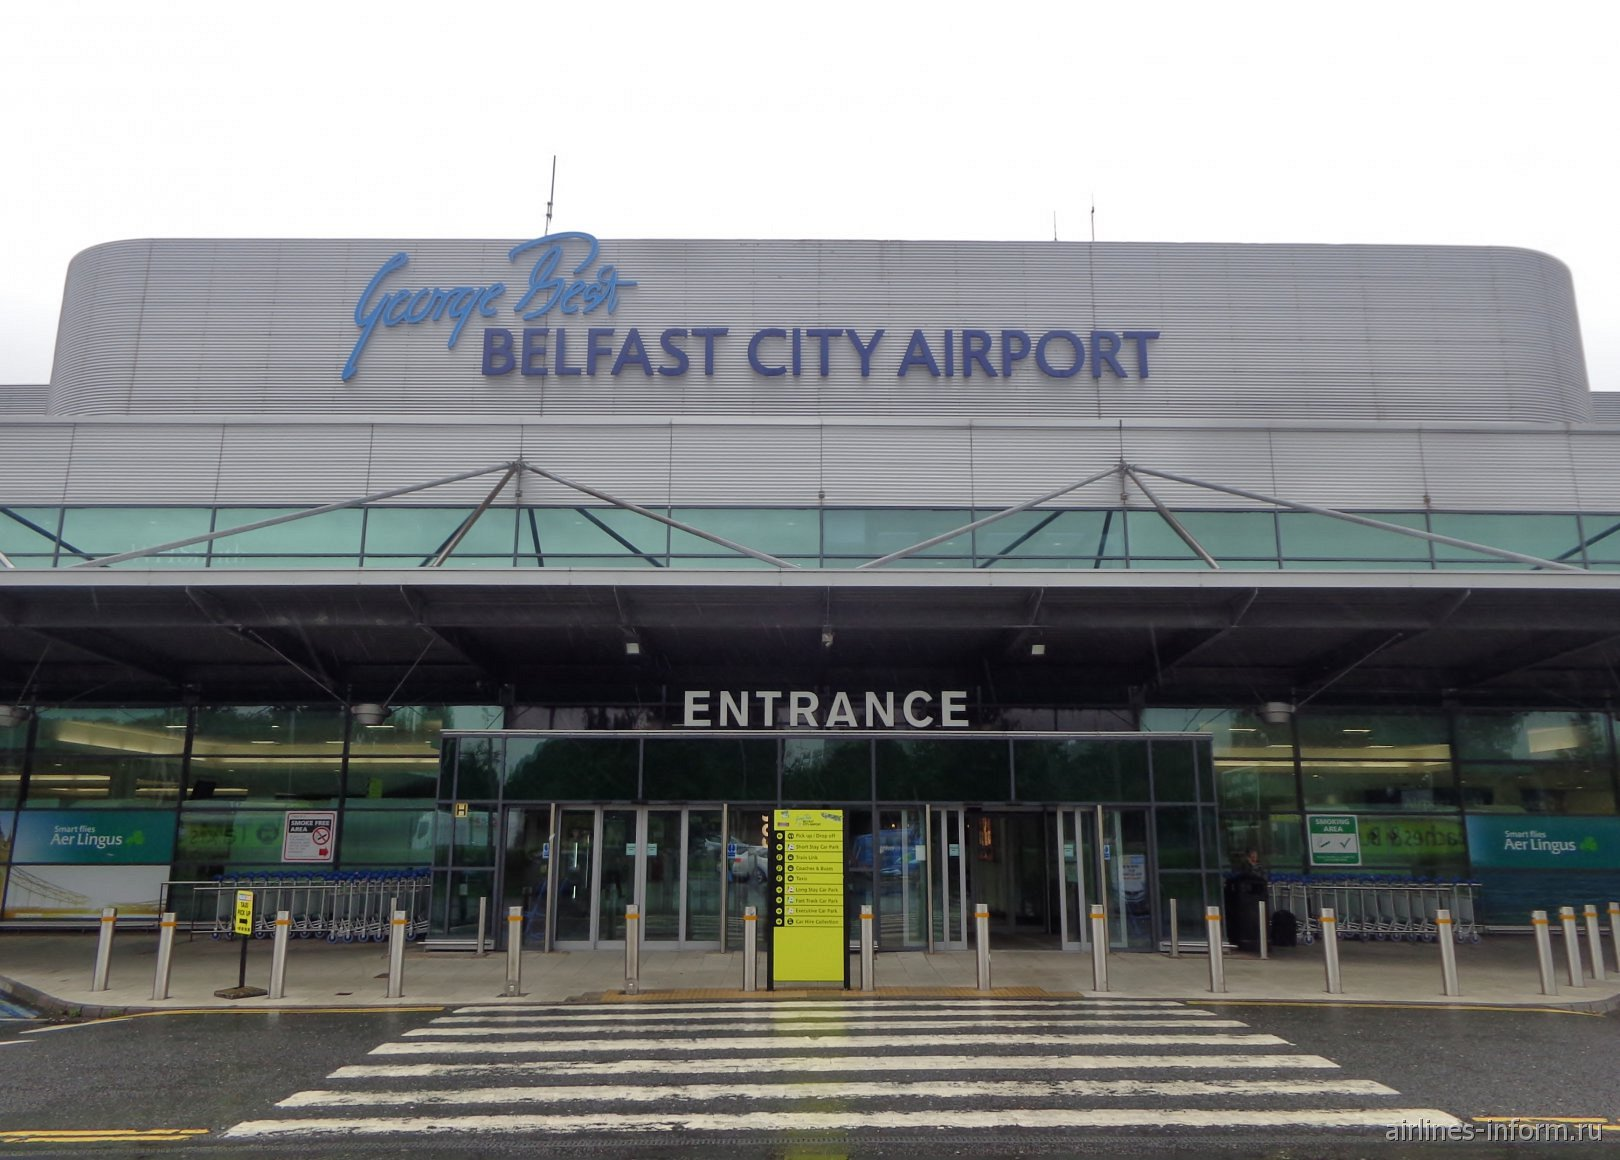 Вход в пассажирский терминал аэропорта Белфаст-Сити Джордж Бест